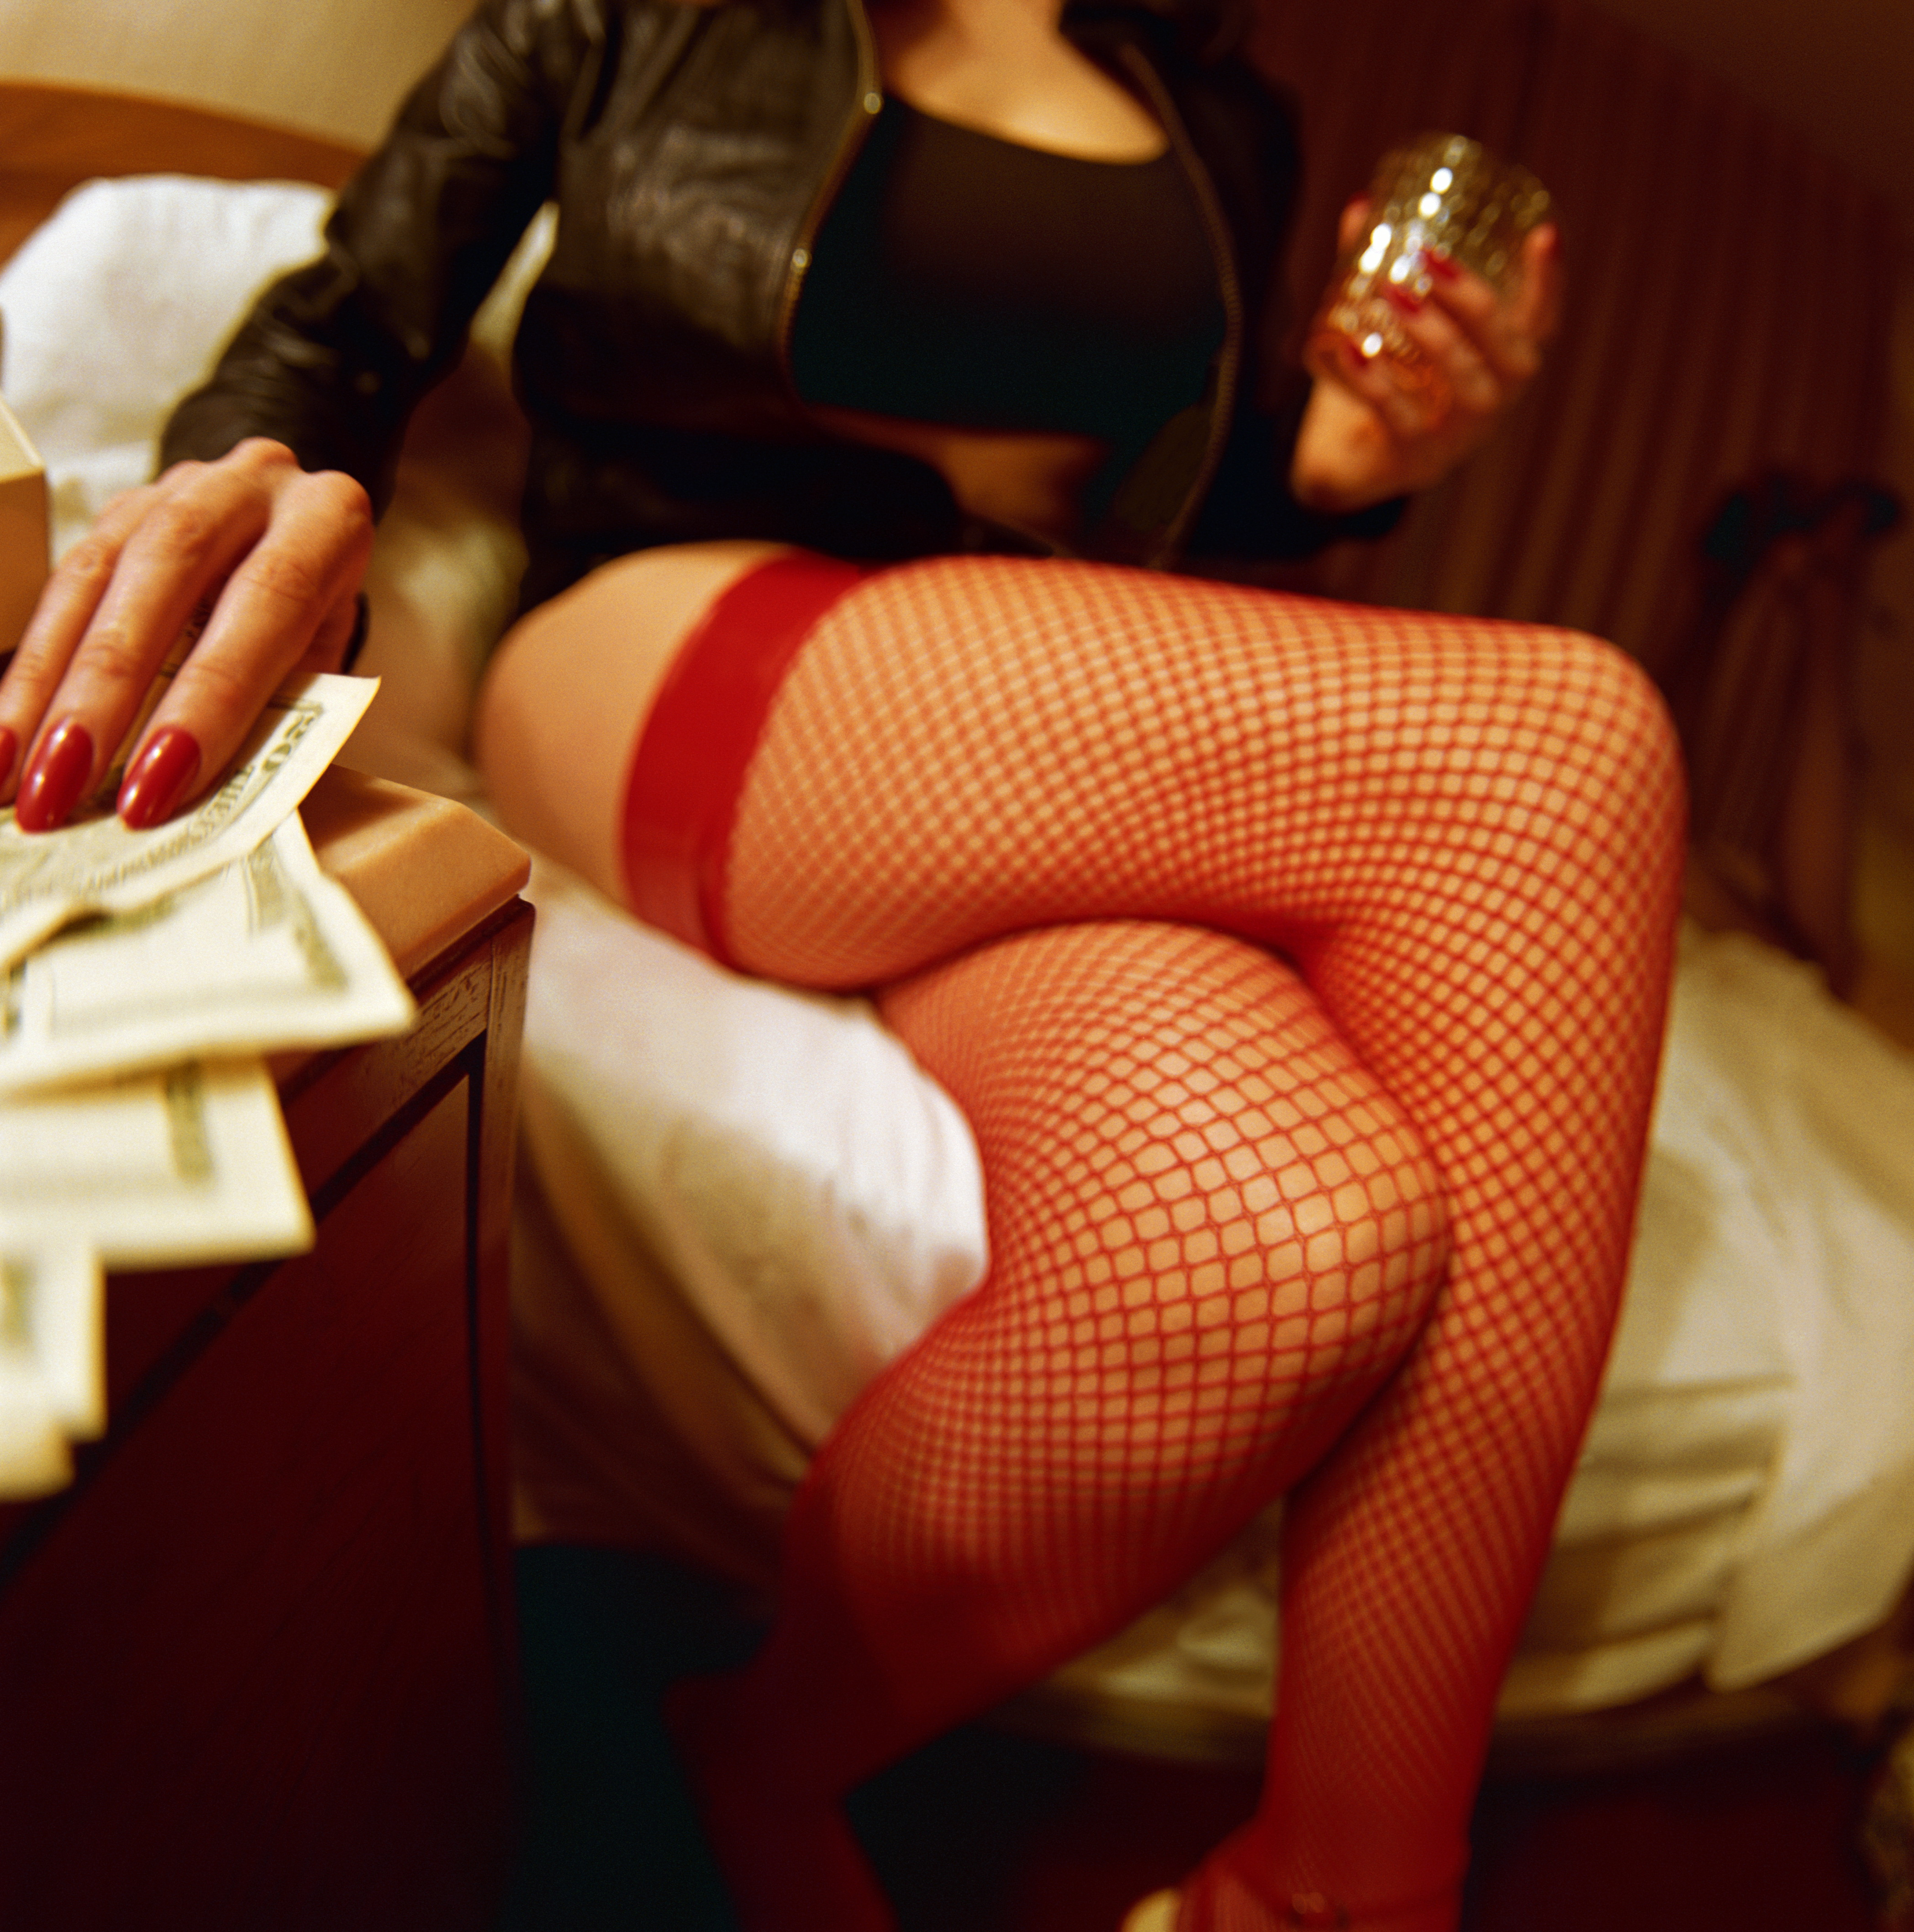 Amenzile incasate de o prostituata afecteaza bugetul unei comune din Buzau. La ce suma a ajuns datoria femeii